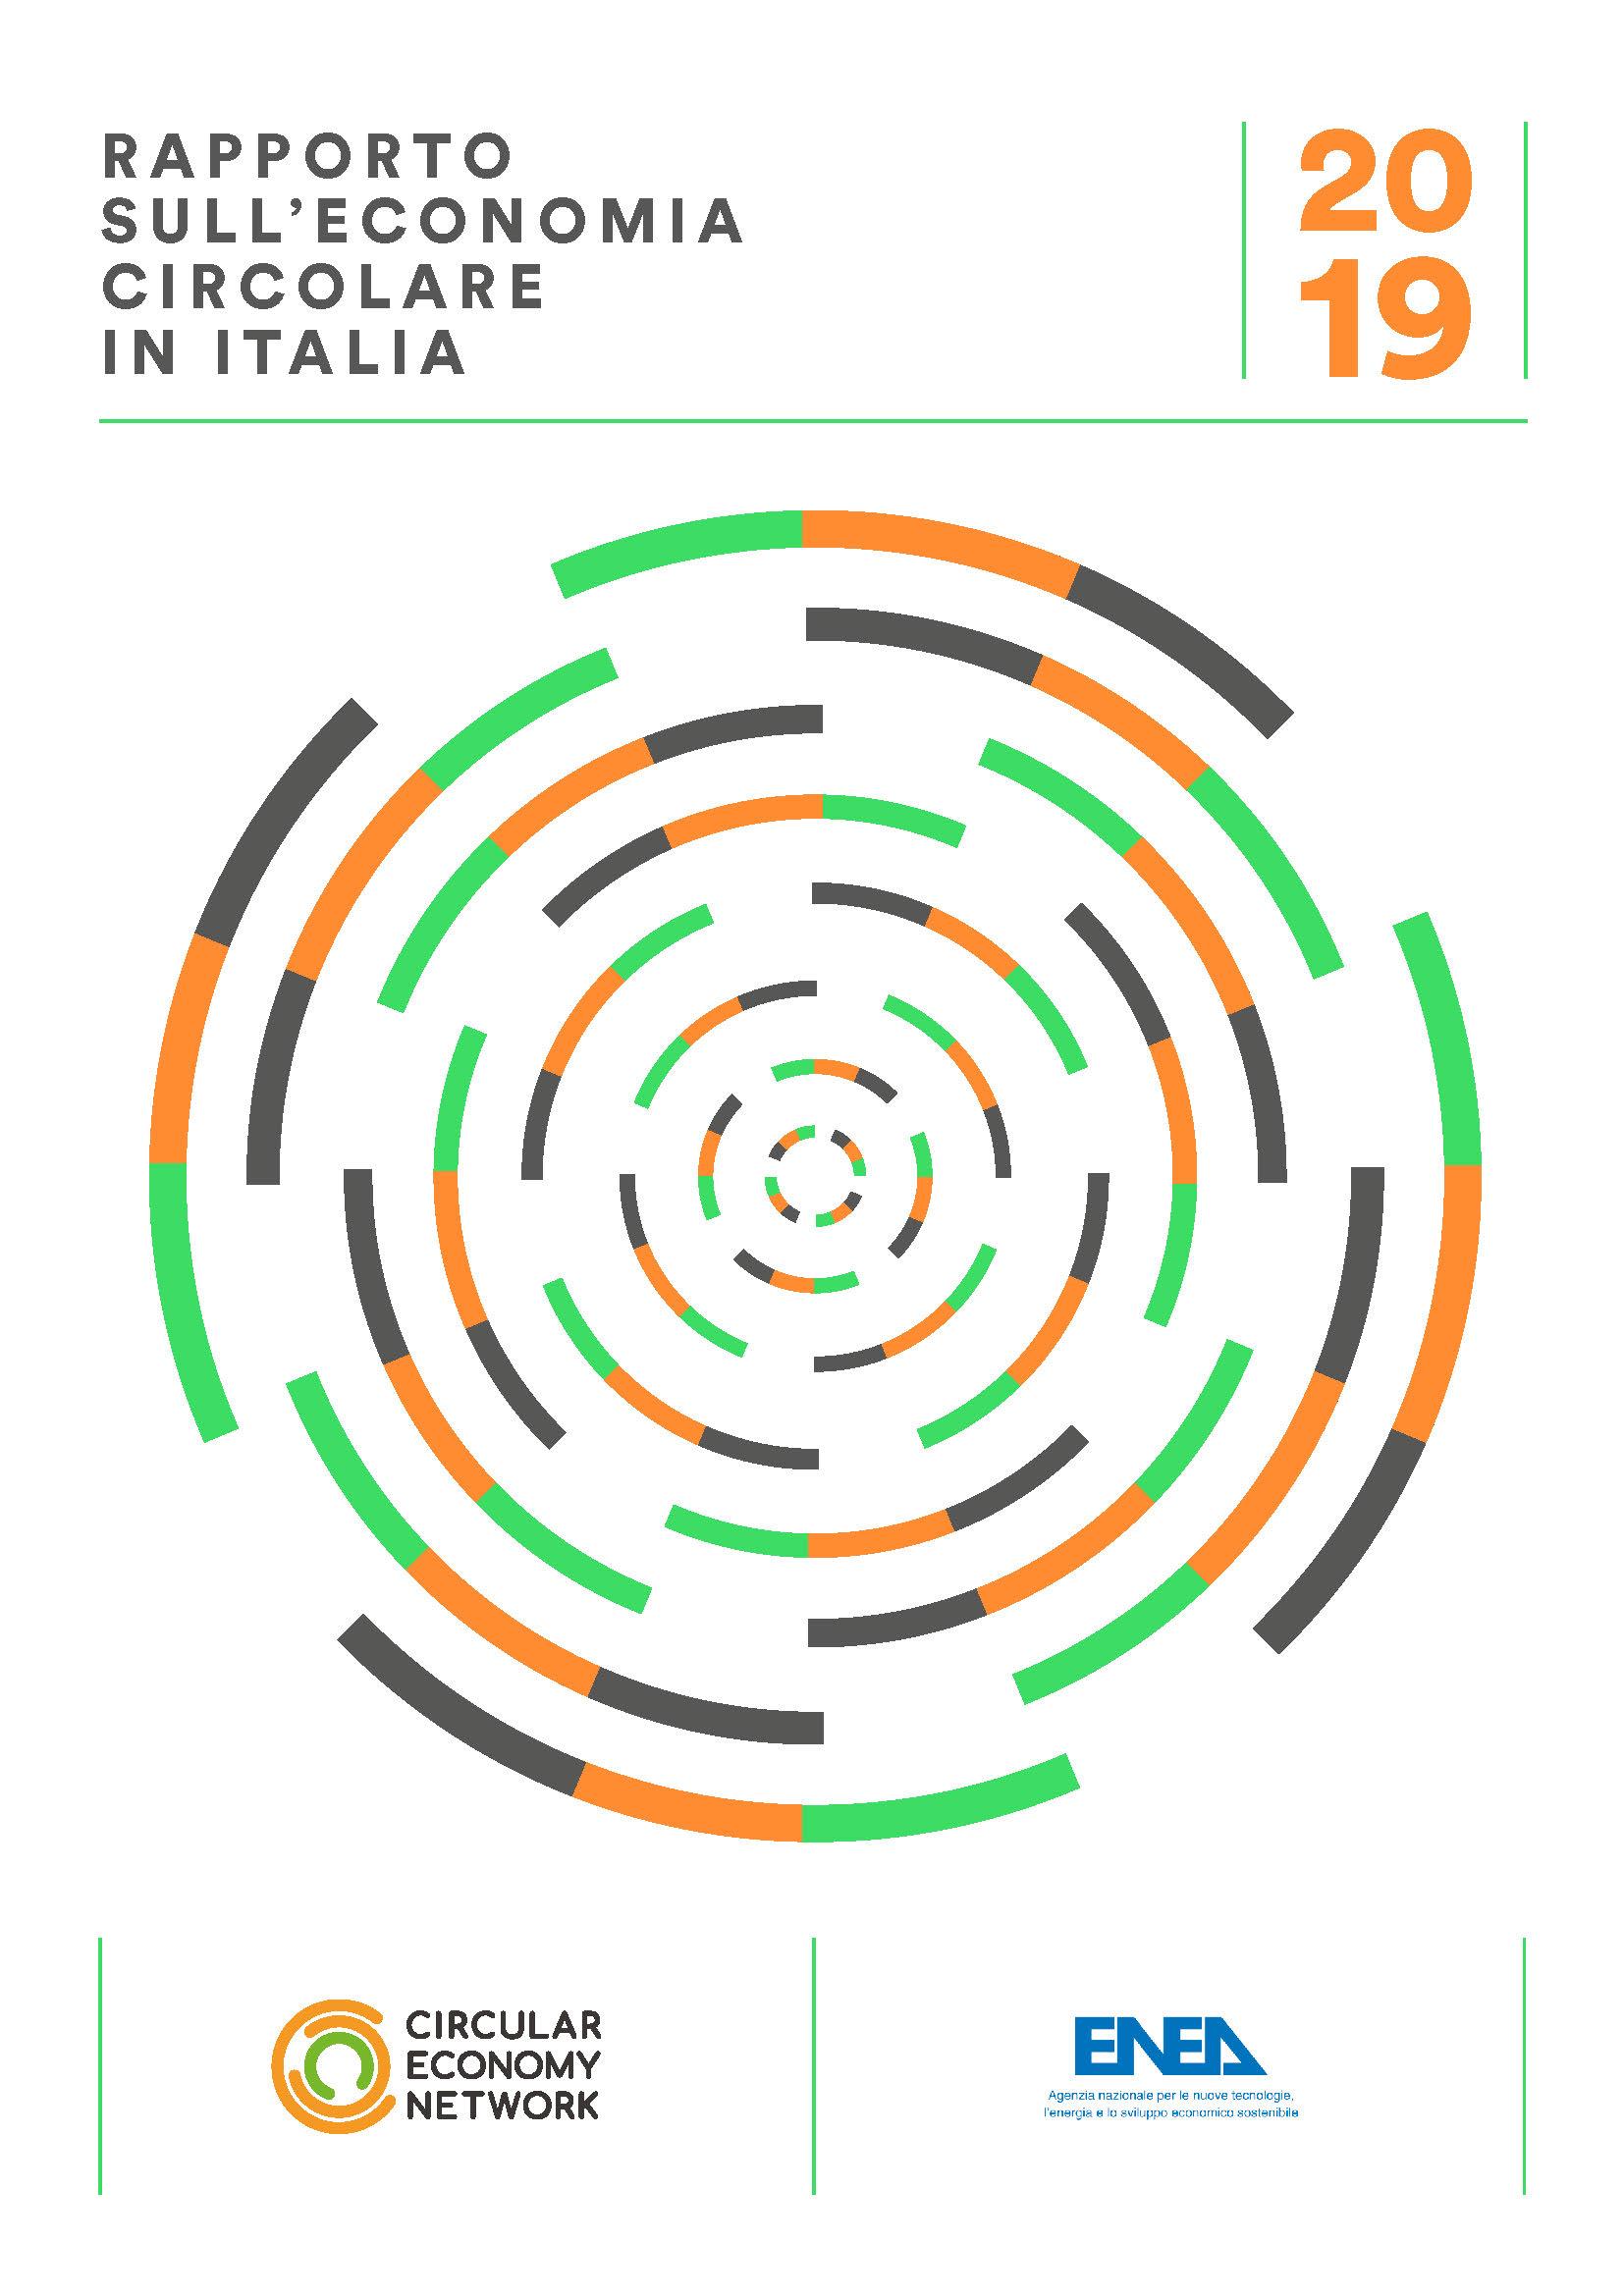 Rapporto sull'economia circolare in Italia - 2019